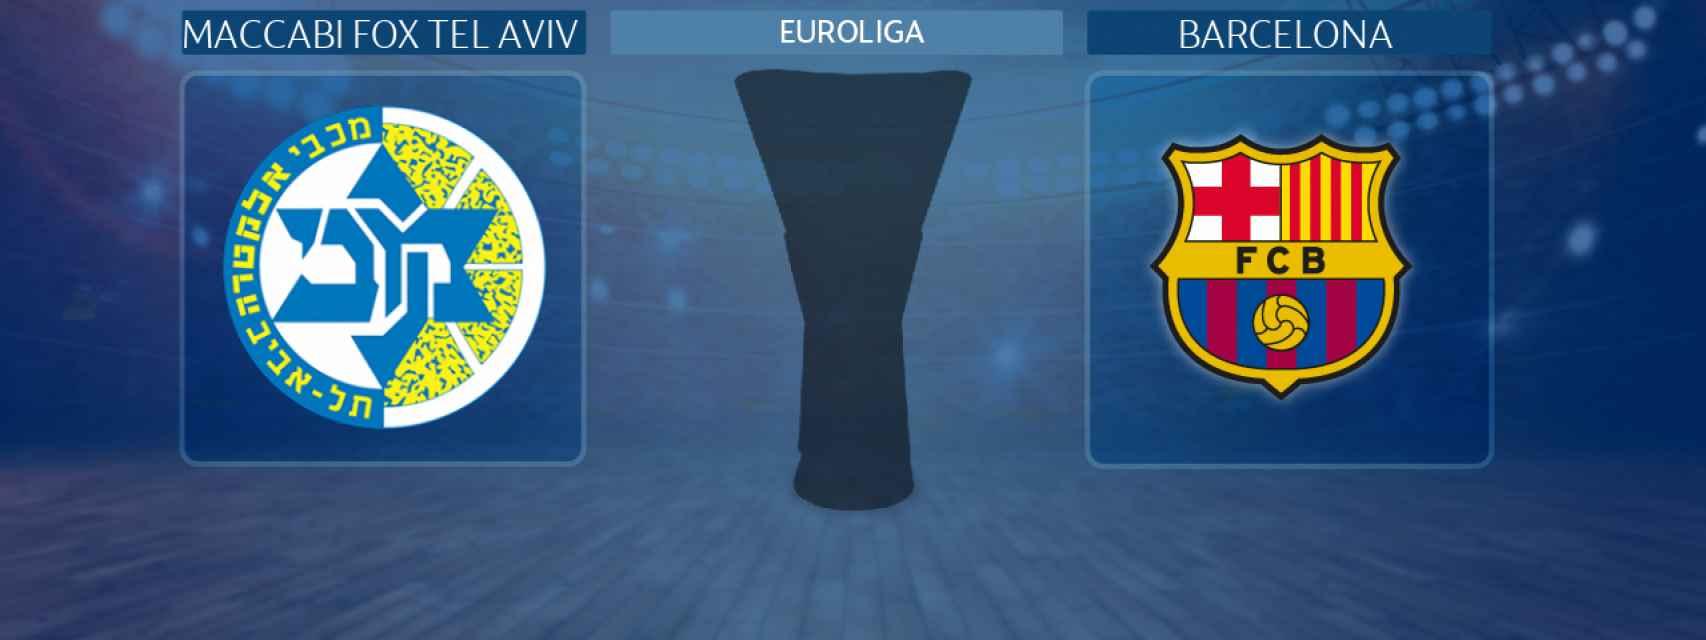 Maccabi Fox Tel Aviv - Barcelona, partido de la Euroliga